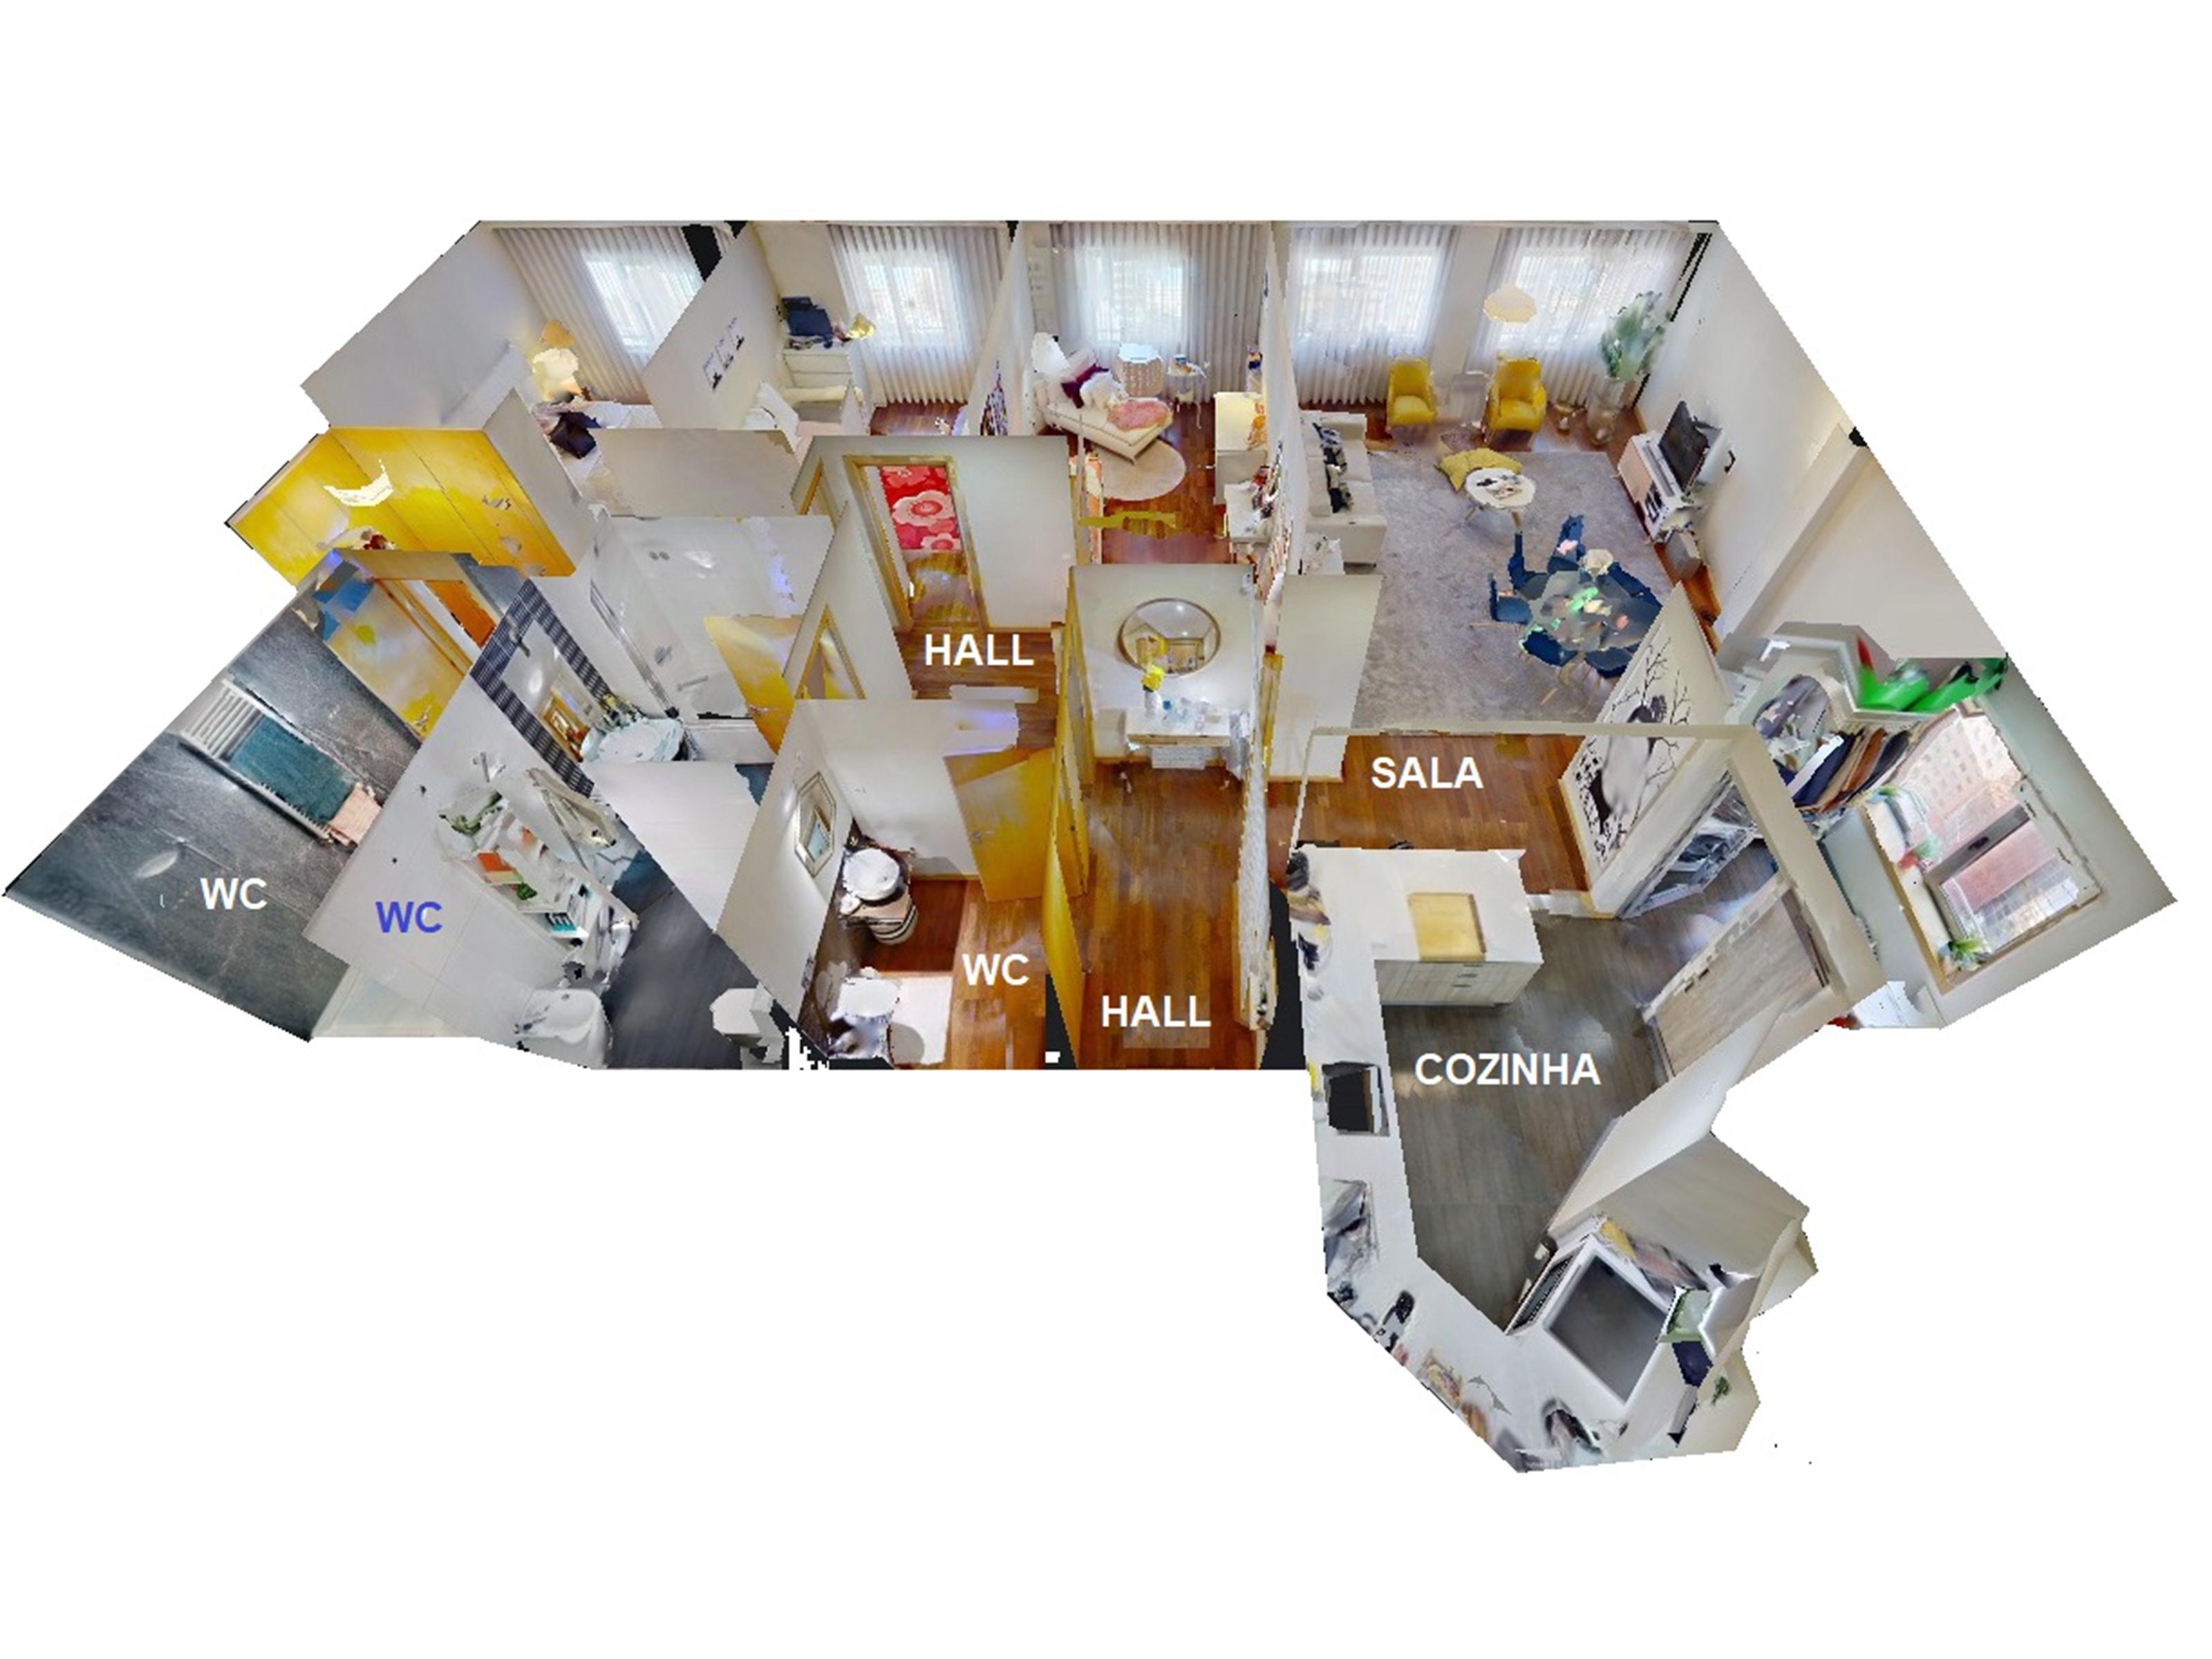 New Apartment in Casa de Serralves (Lordelo do Ouro) – 148 m²